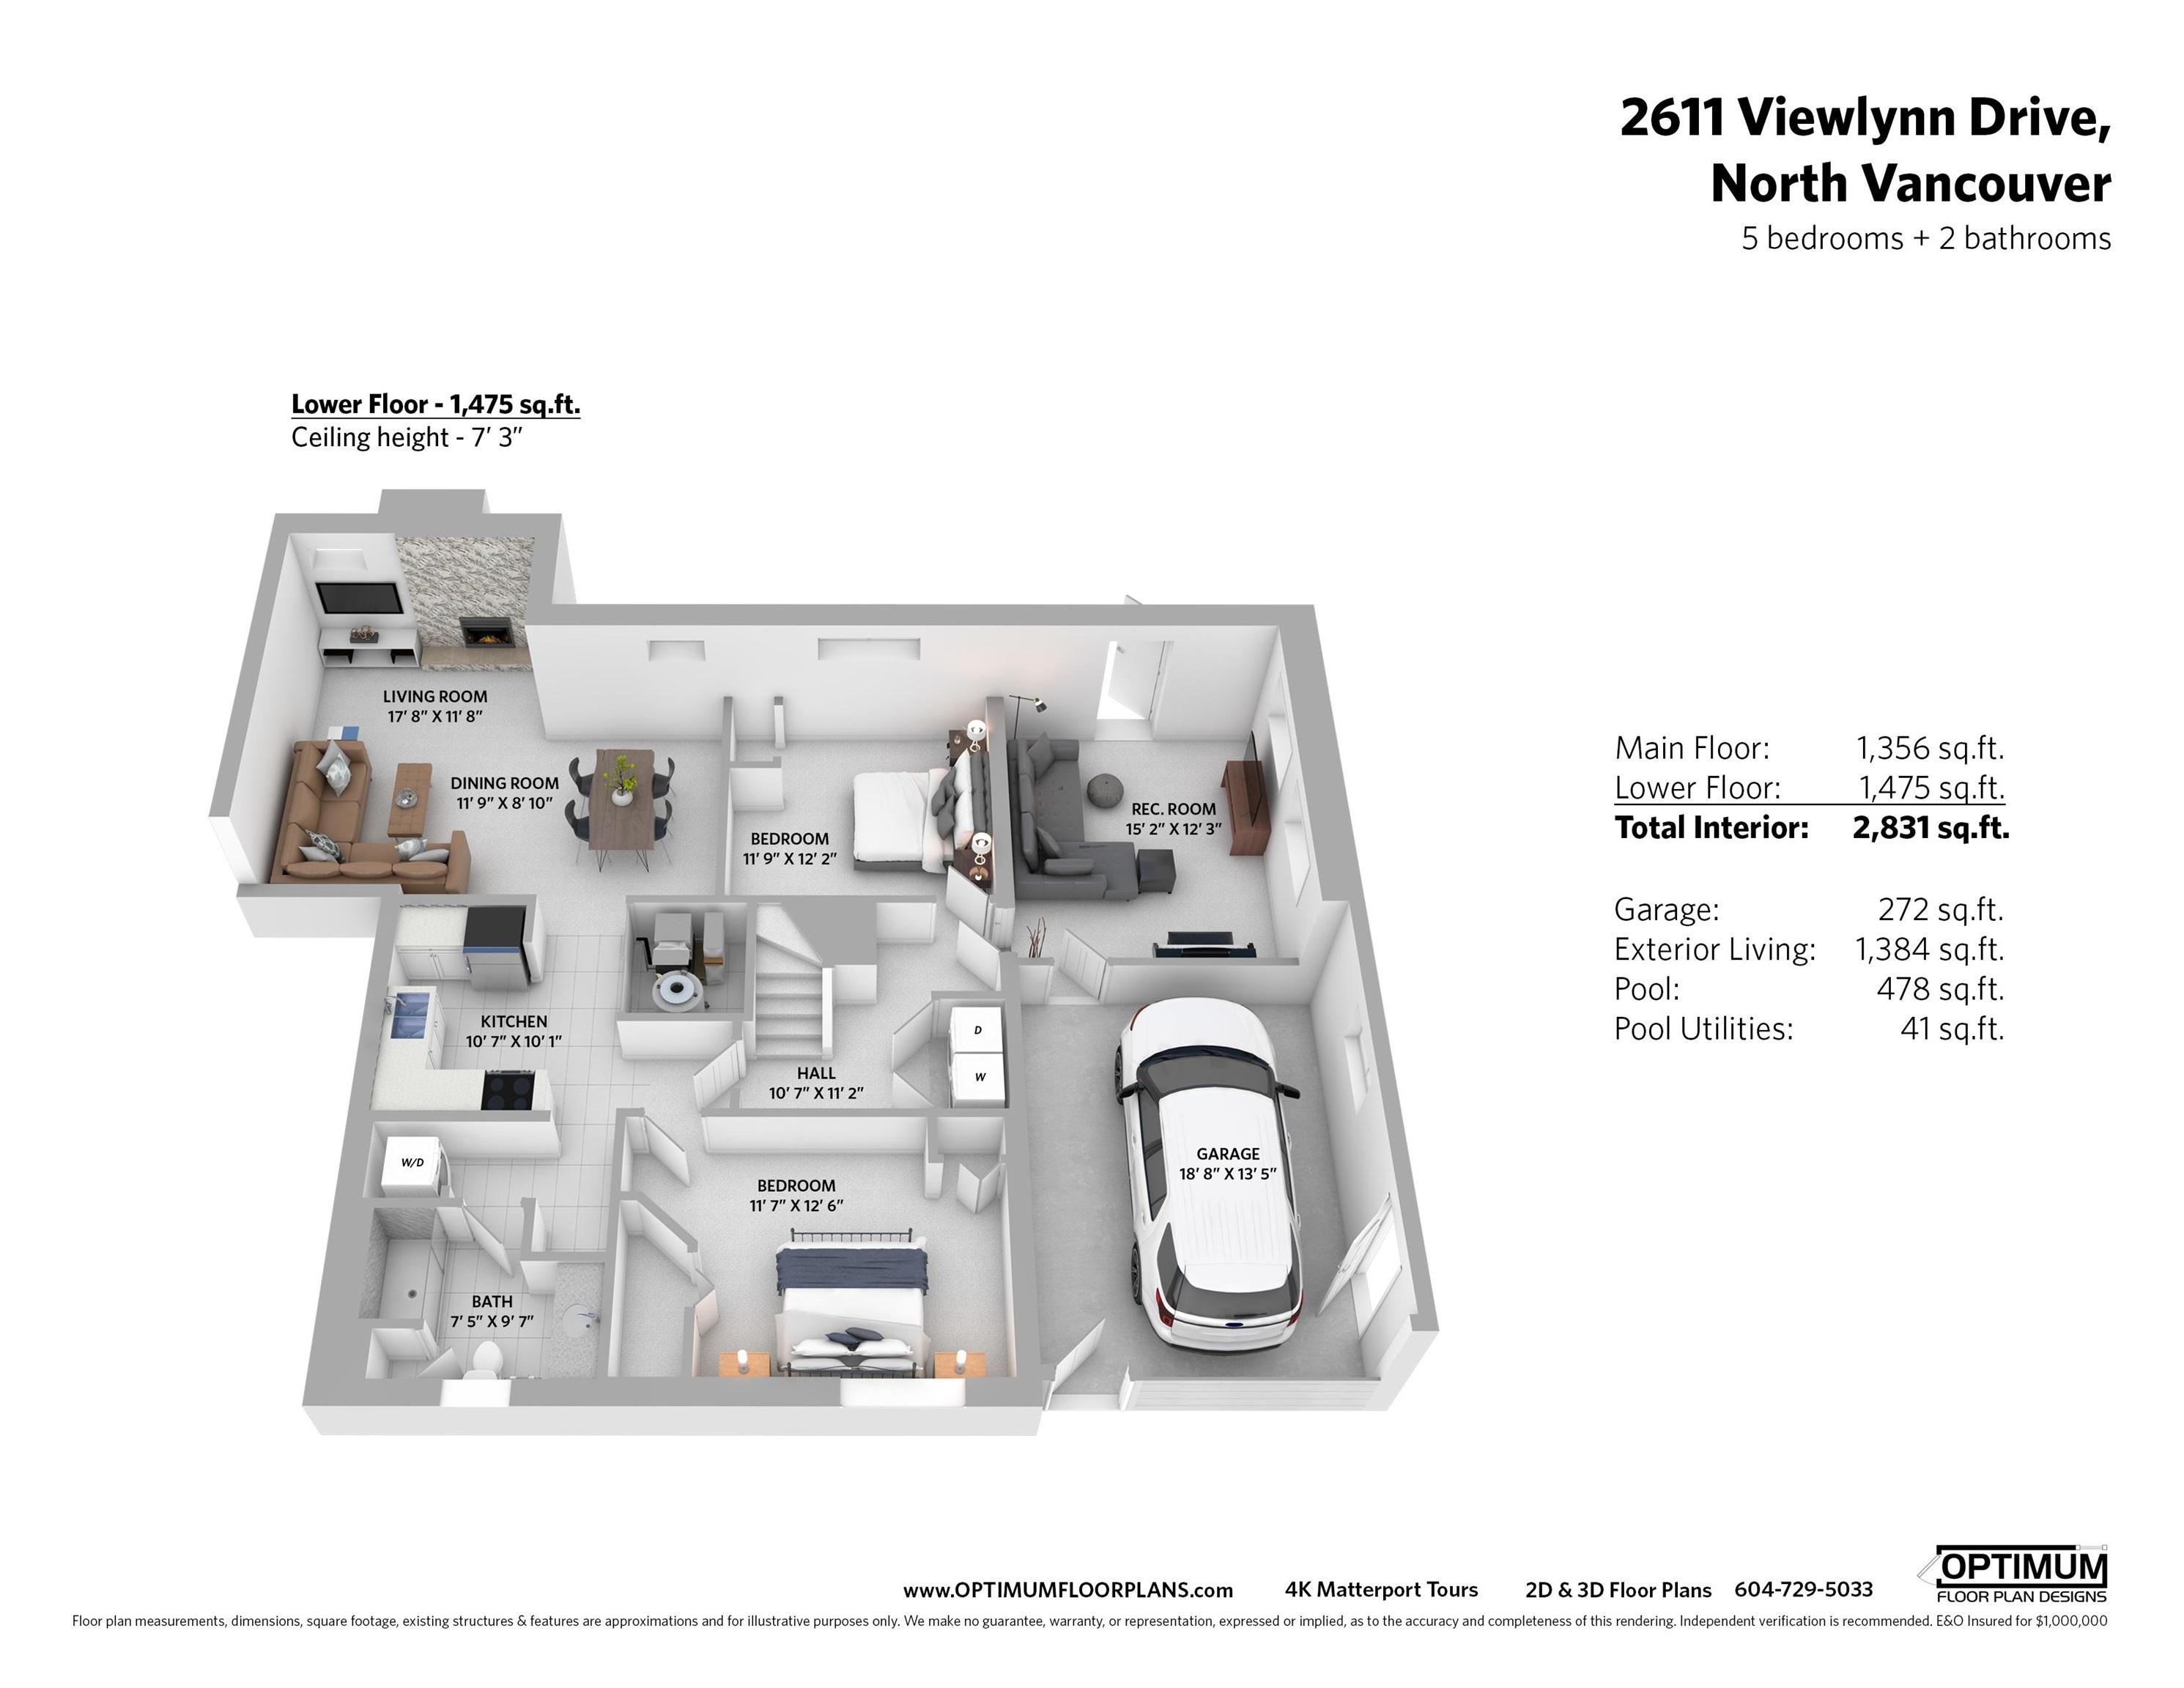 Listing image of 2611 VIEWLYNN DRIVE